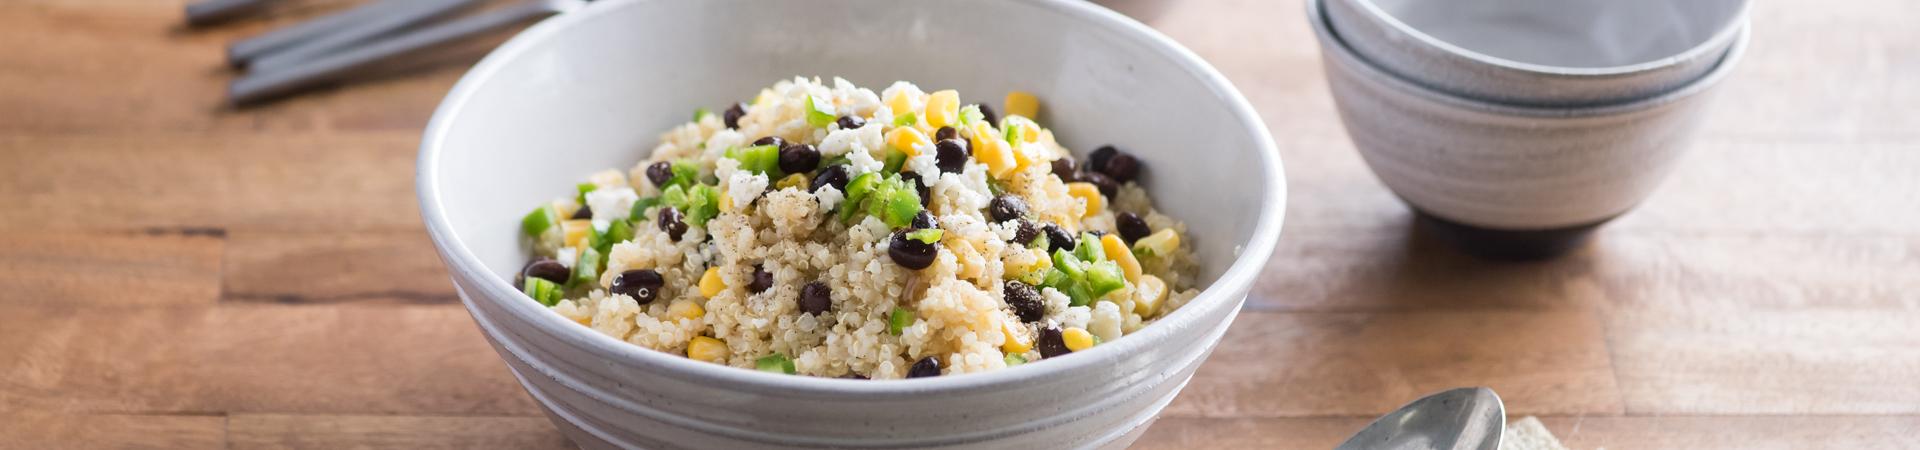 Tex-Mex Quinoa Salad image